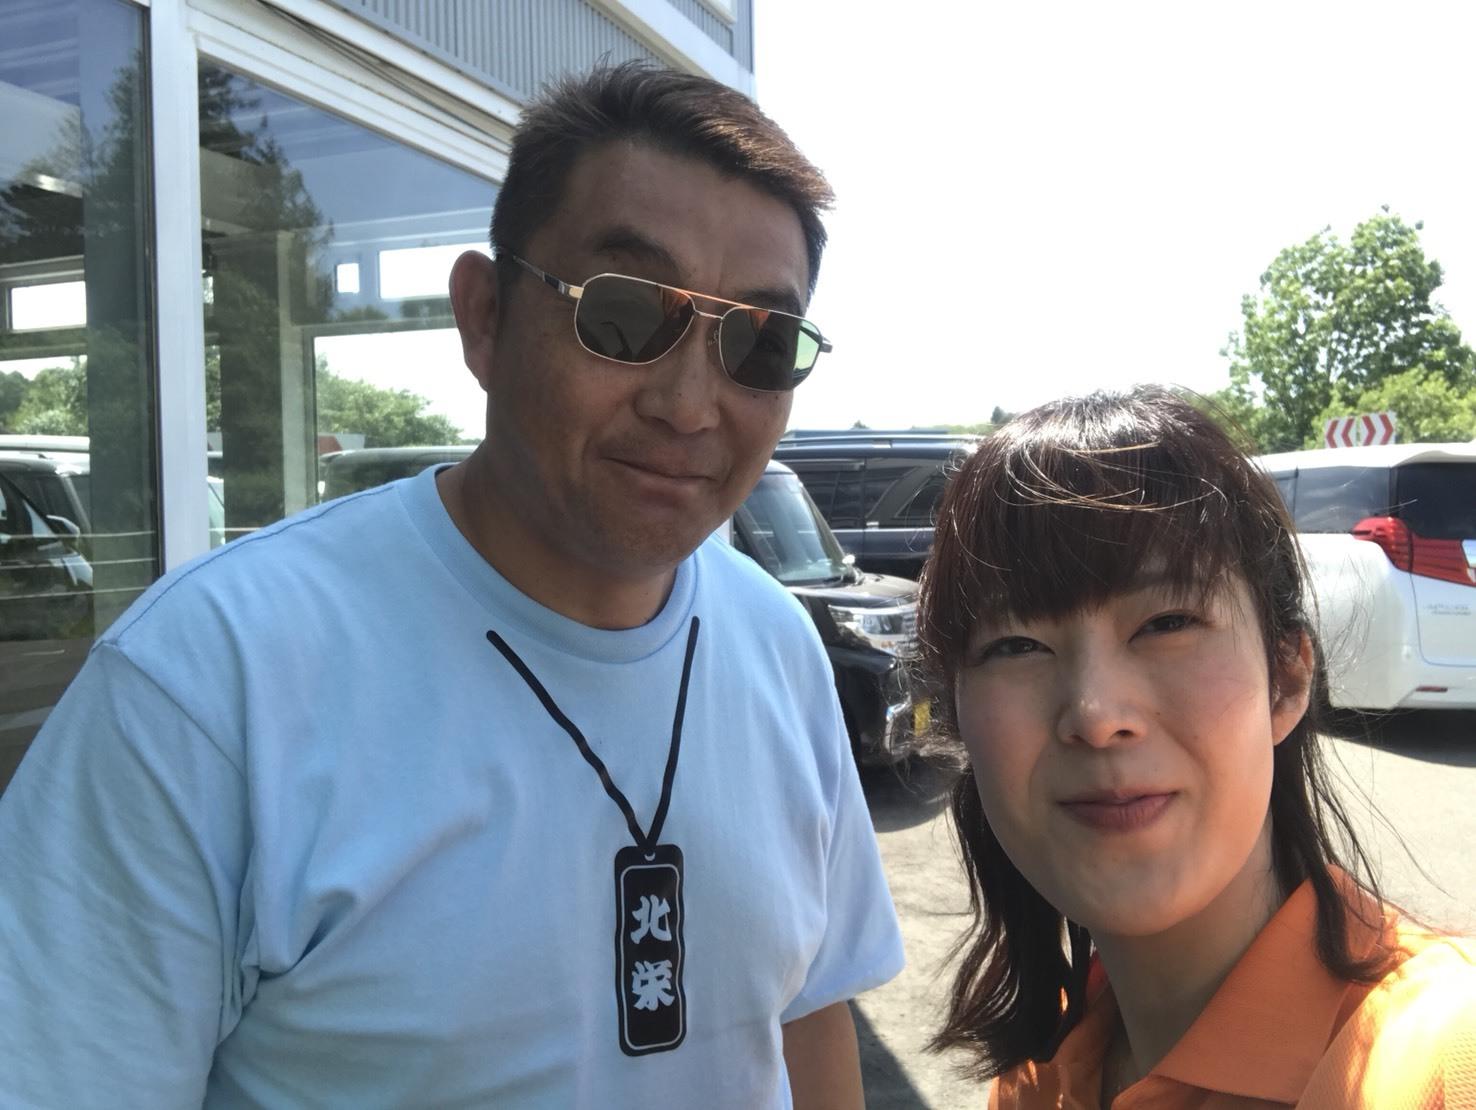 7月26日(木)TOMMYBASE 店長ブログ☆ 61インパラ整備入庫 ☆輸入車 アメ車 レクサス WALDの事ならトミーベースまで☆_b0127002_00352293.jpg